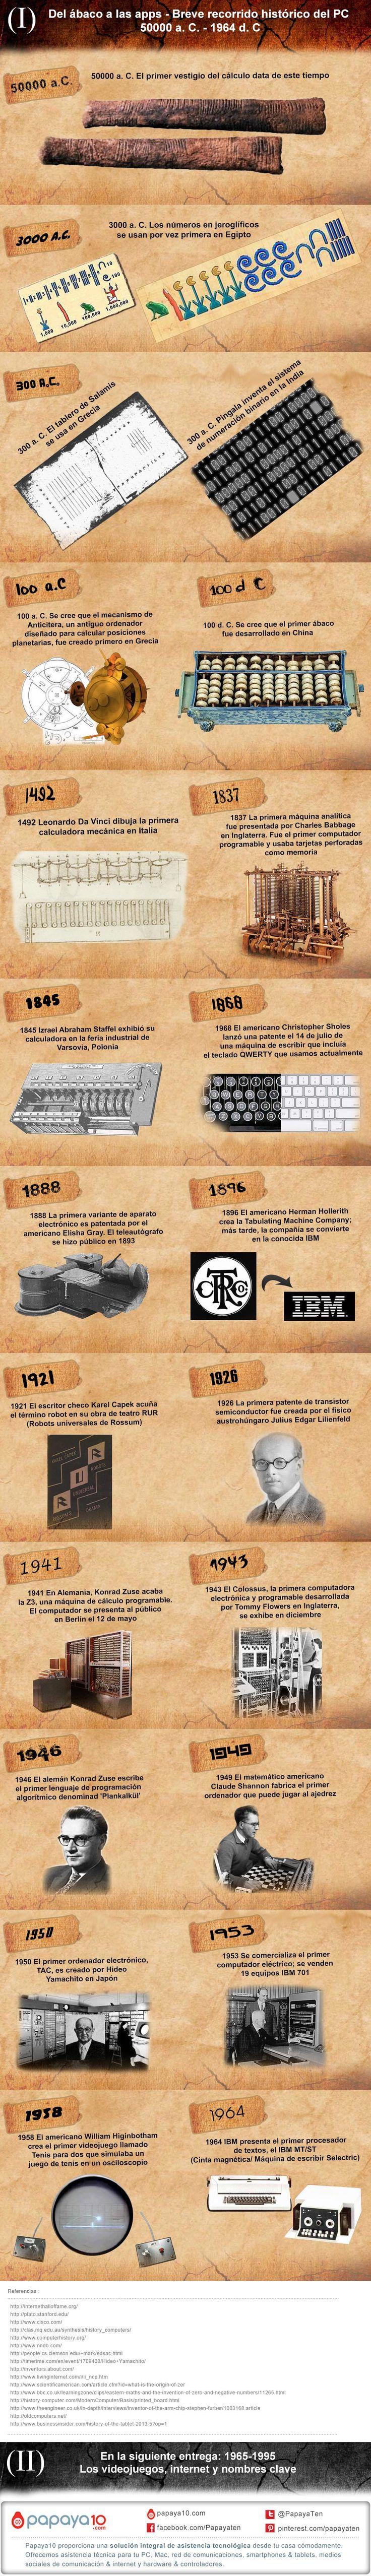 Historia del PC (I): Del ábaco hasta 1964 #infografia #infographic